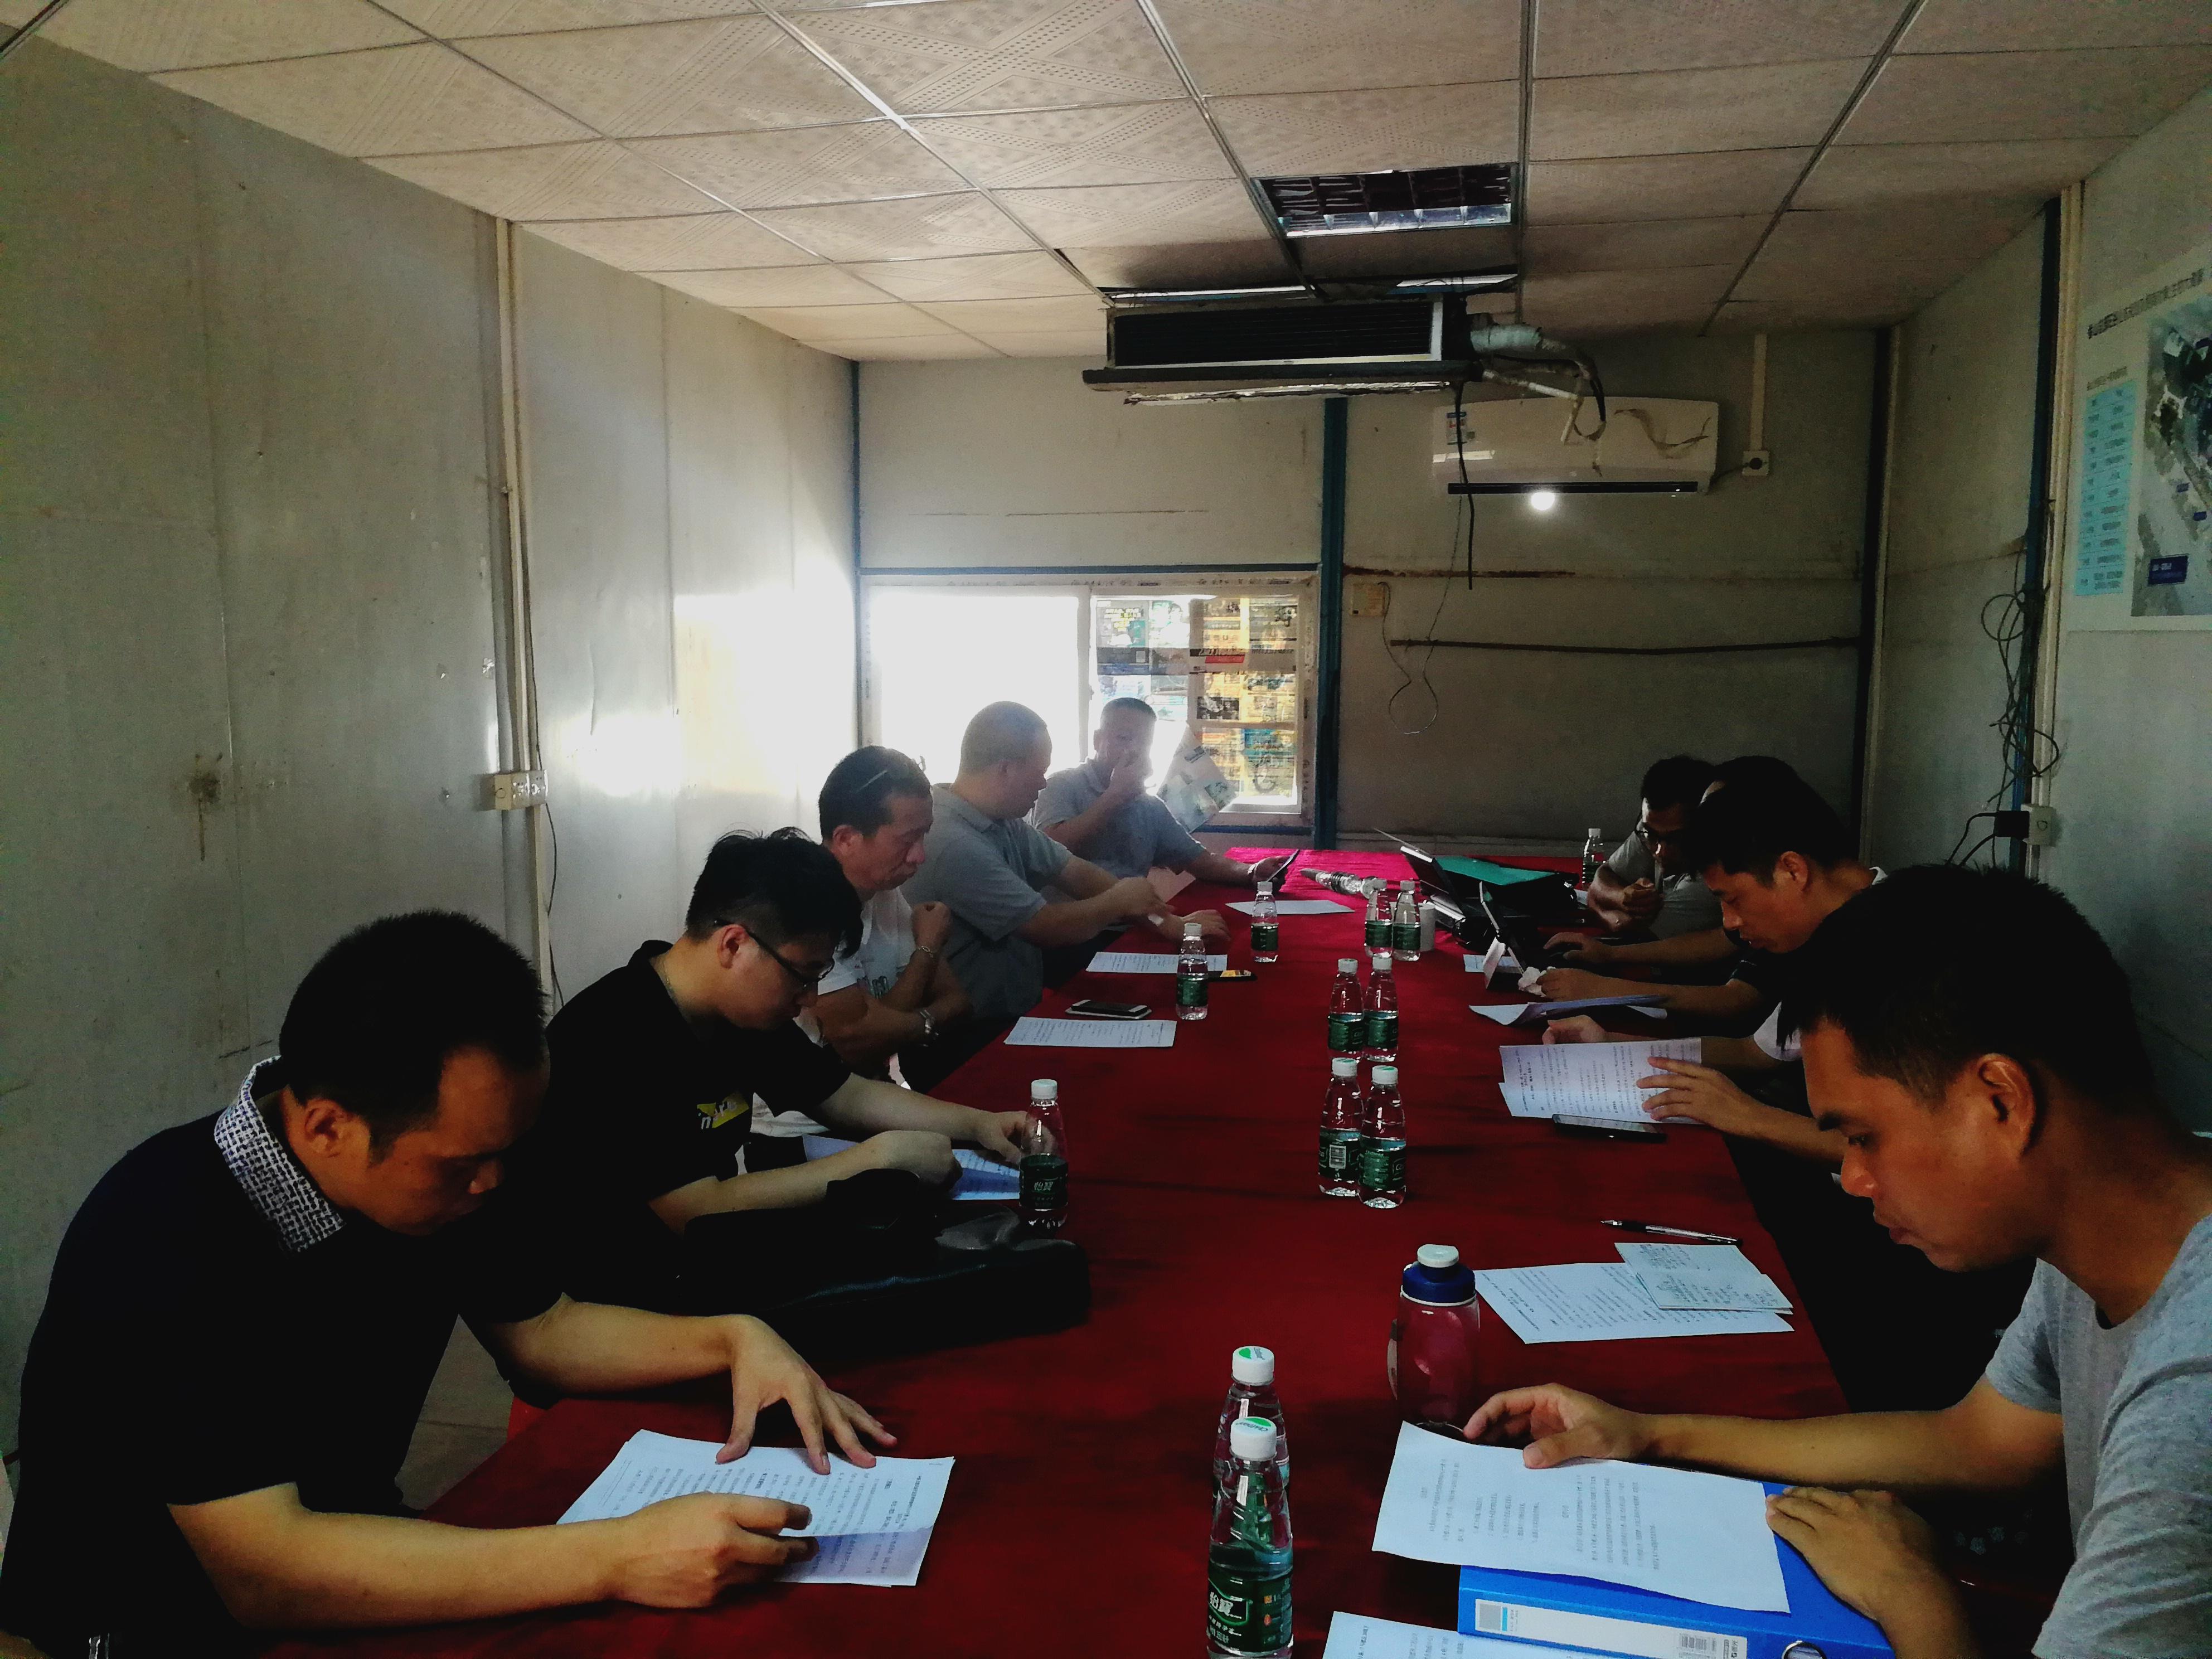 第一工程管理事务所监理的广州新龙嘉禾现代医药销售物流中心6号楼、7号楼及2井地下室项目